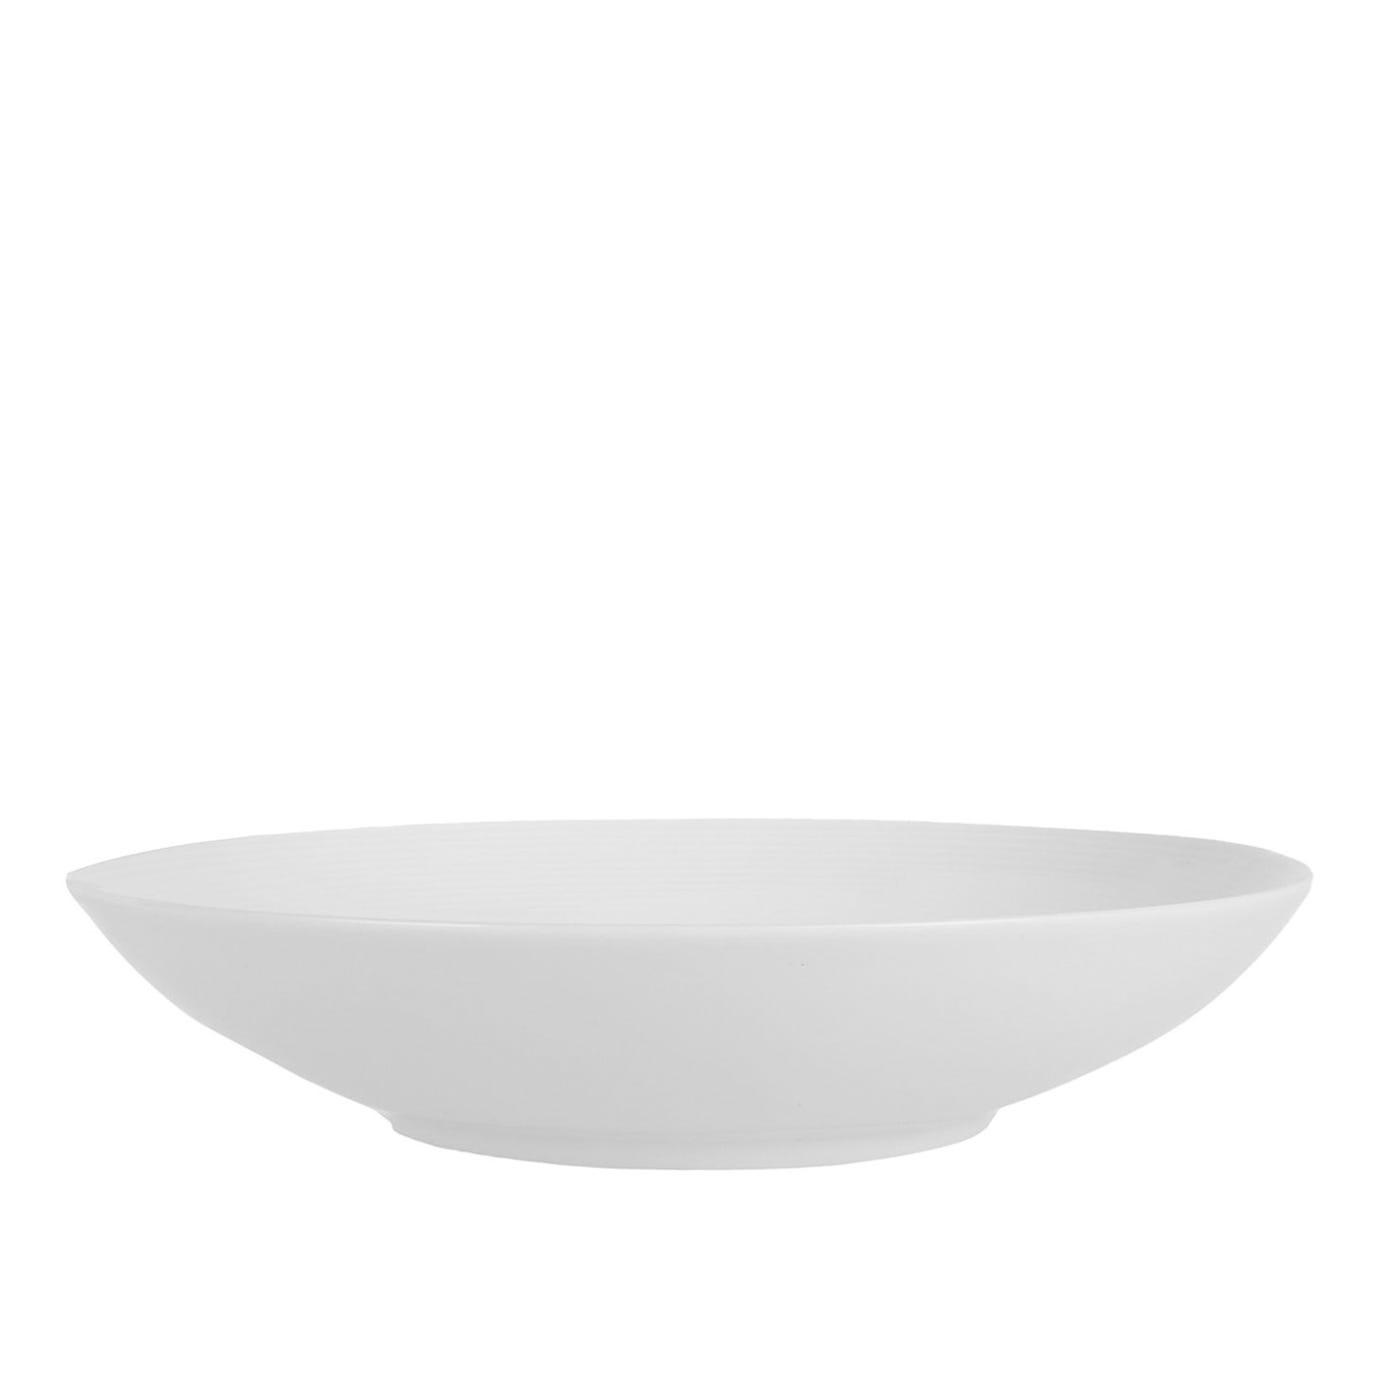 Loft White Pasta Bowl